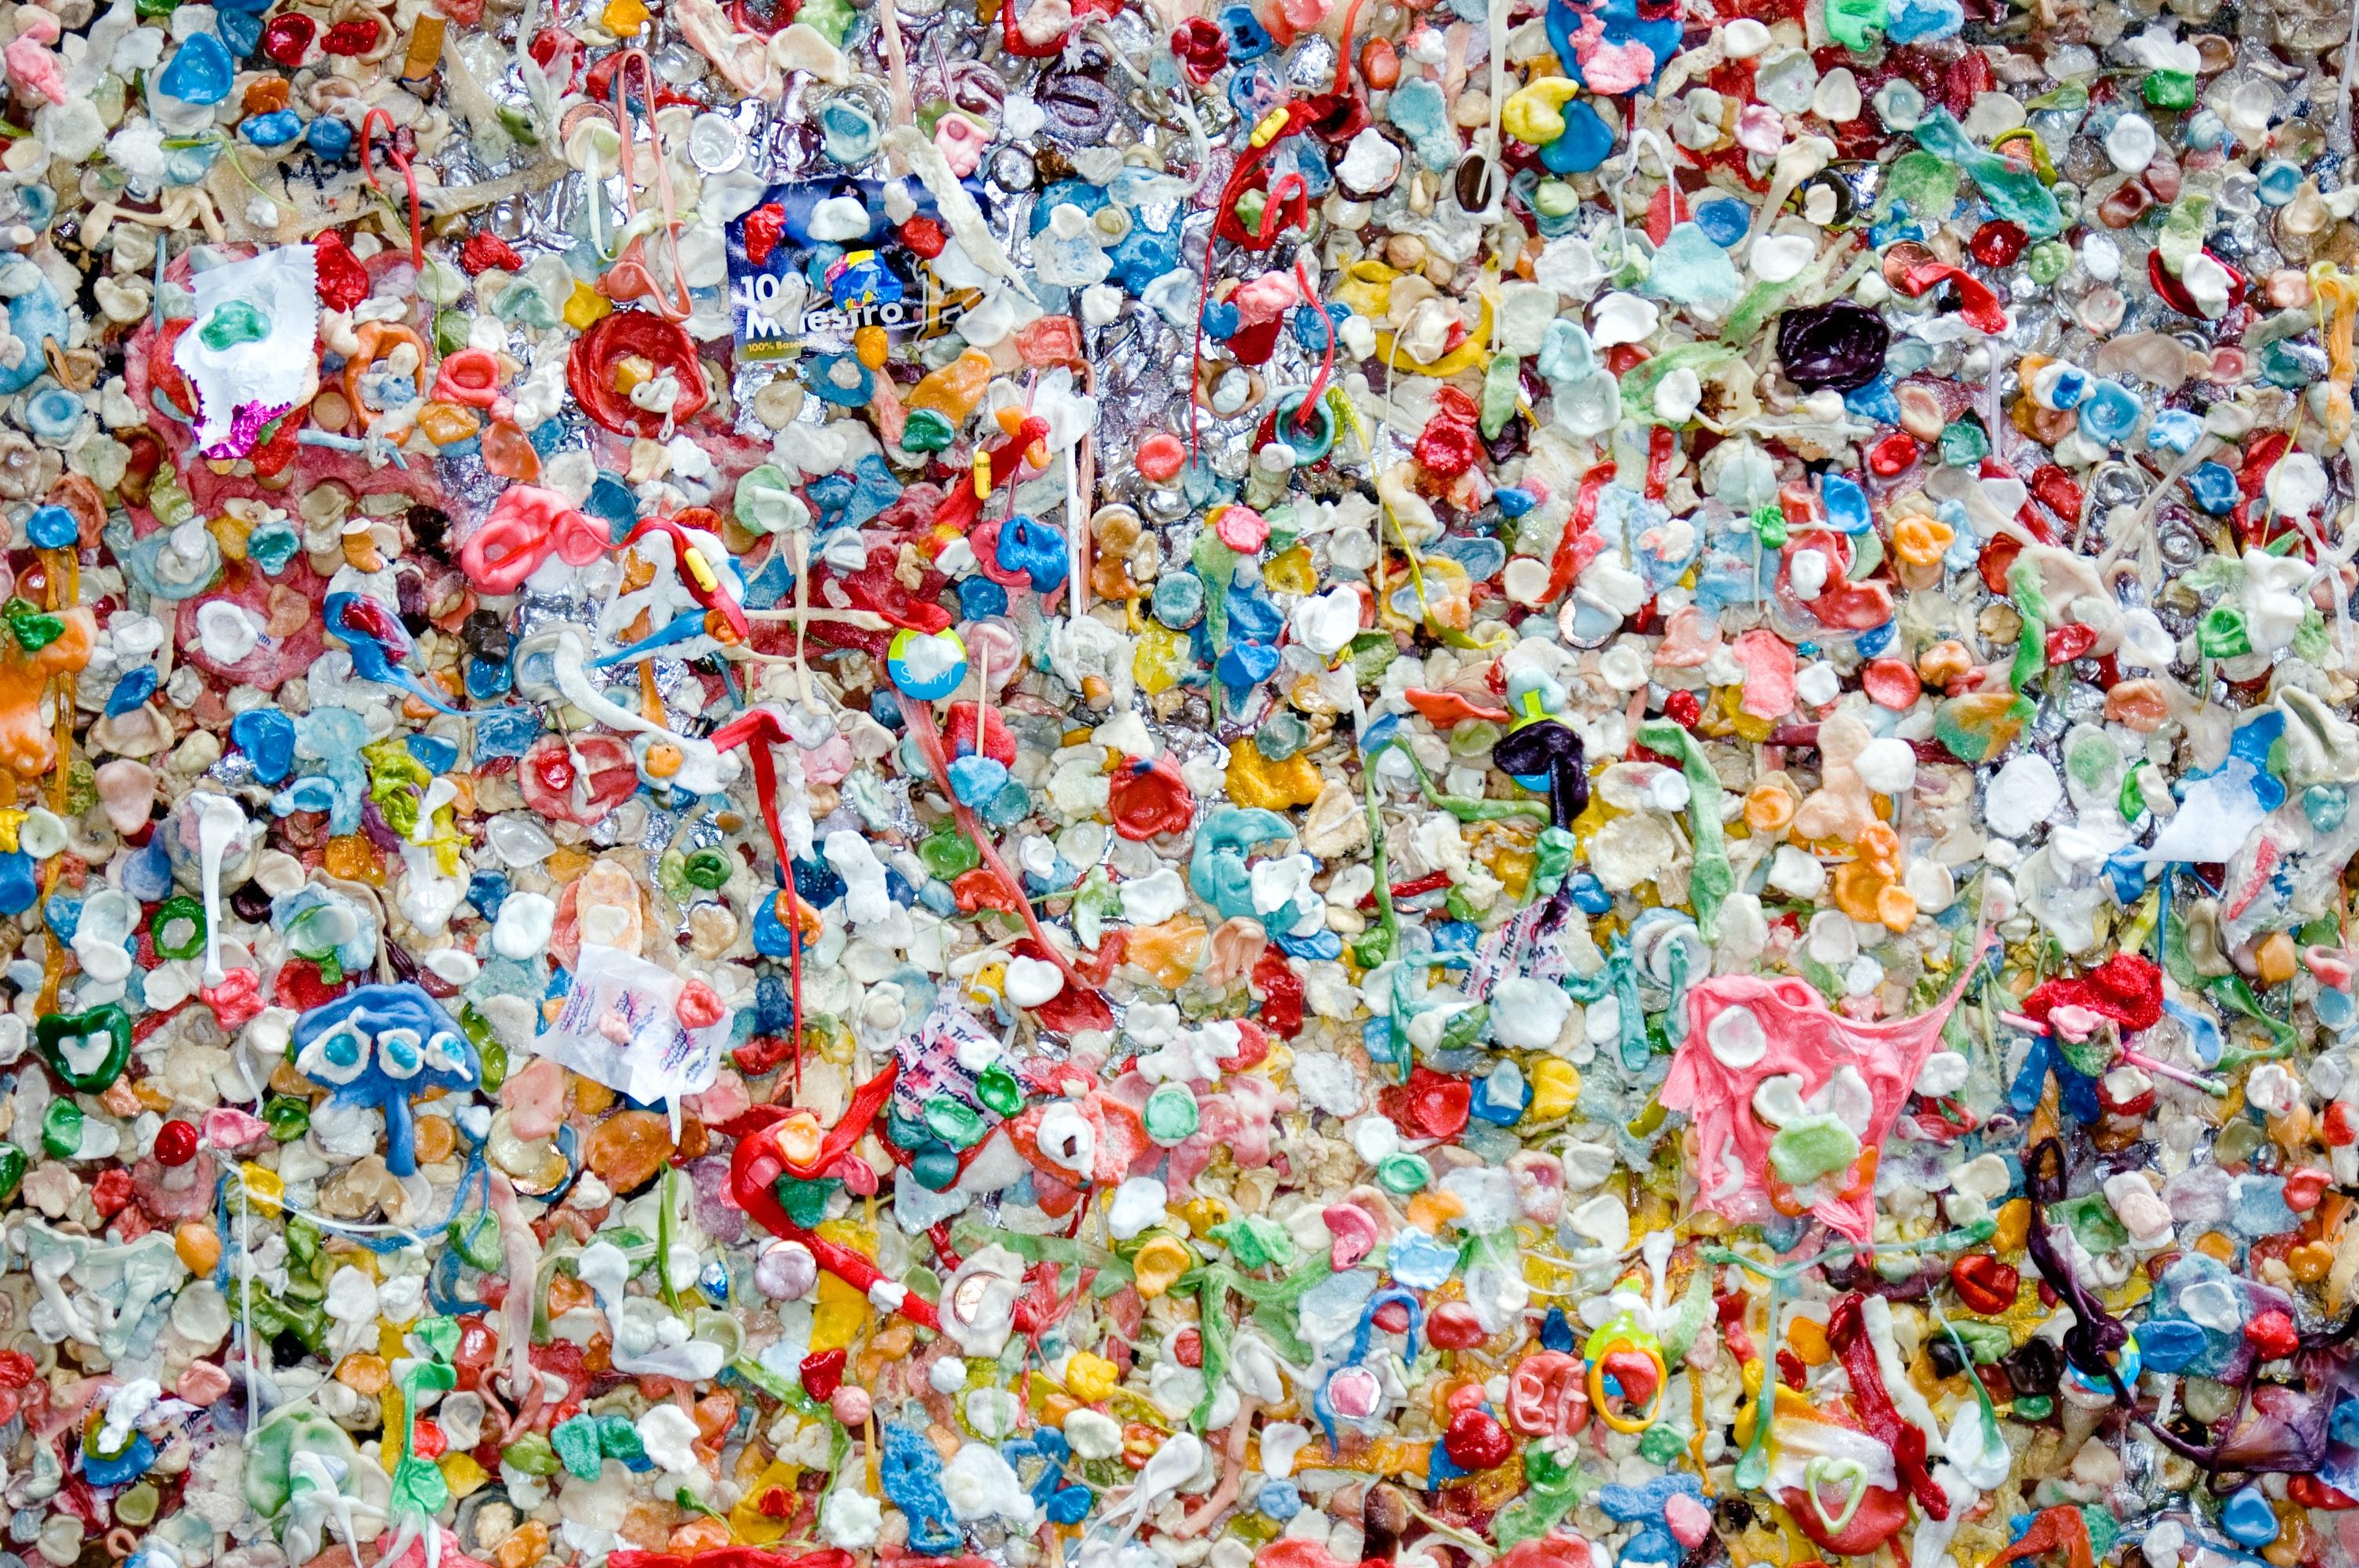 プラスチックごみ再生の究極形態「ケミカルリサイクル」はどこまで進むか